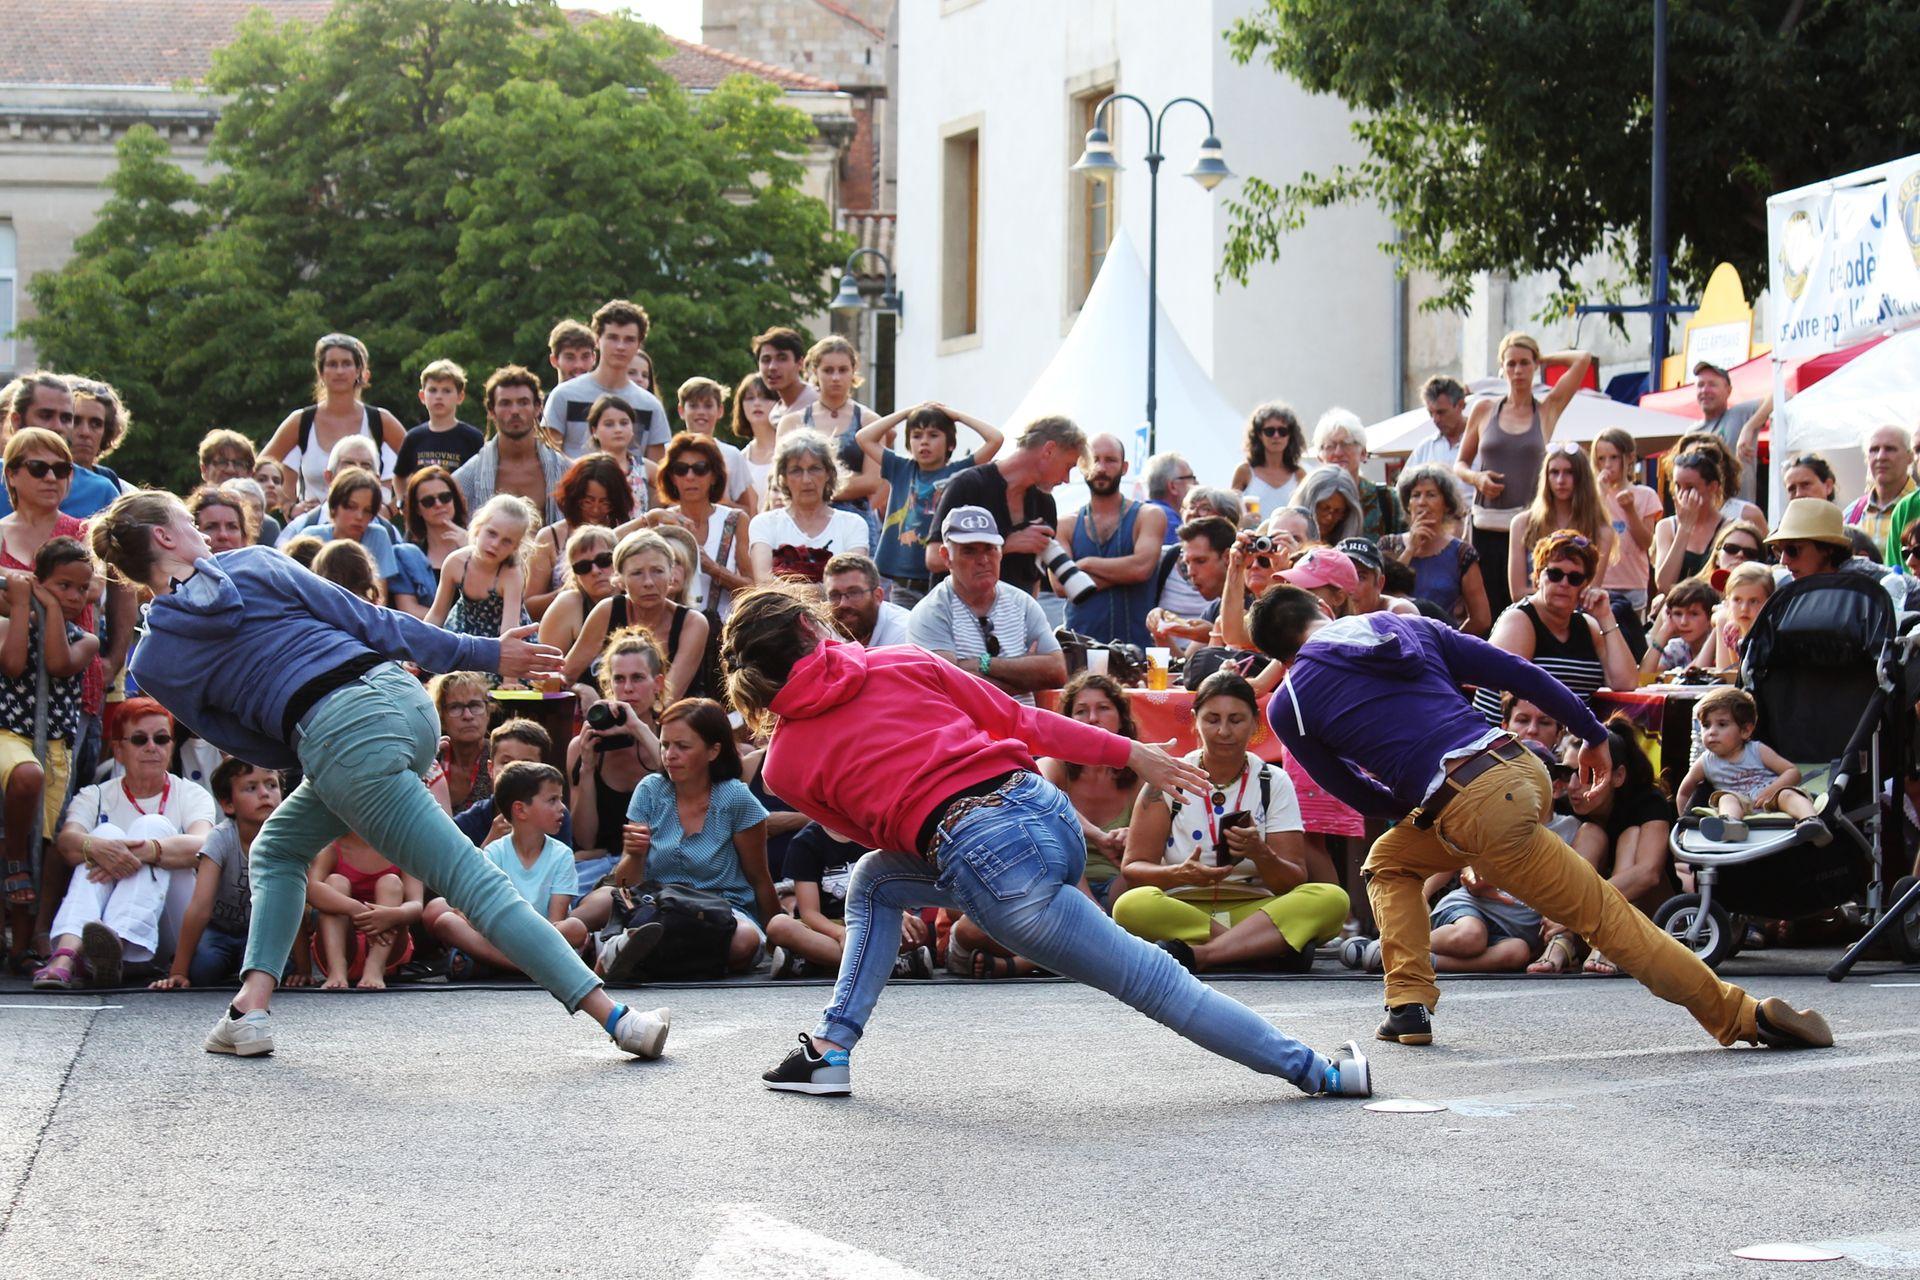 Groupe Génération Pomm(ée) en train de danser devant des spectateurs en famille dans le cadre du Festival Résurgence à Lodève